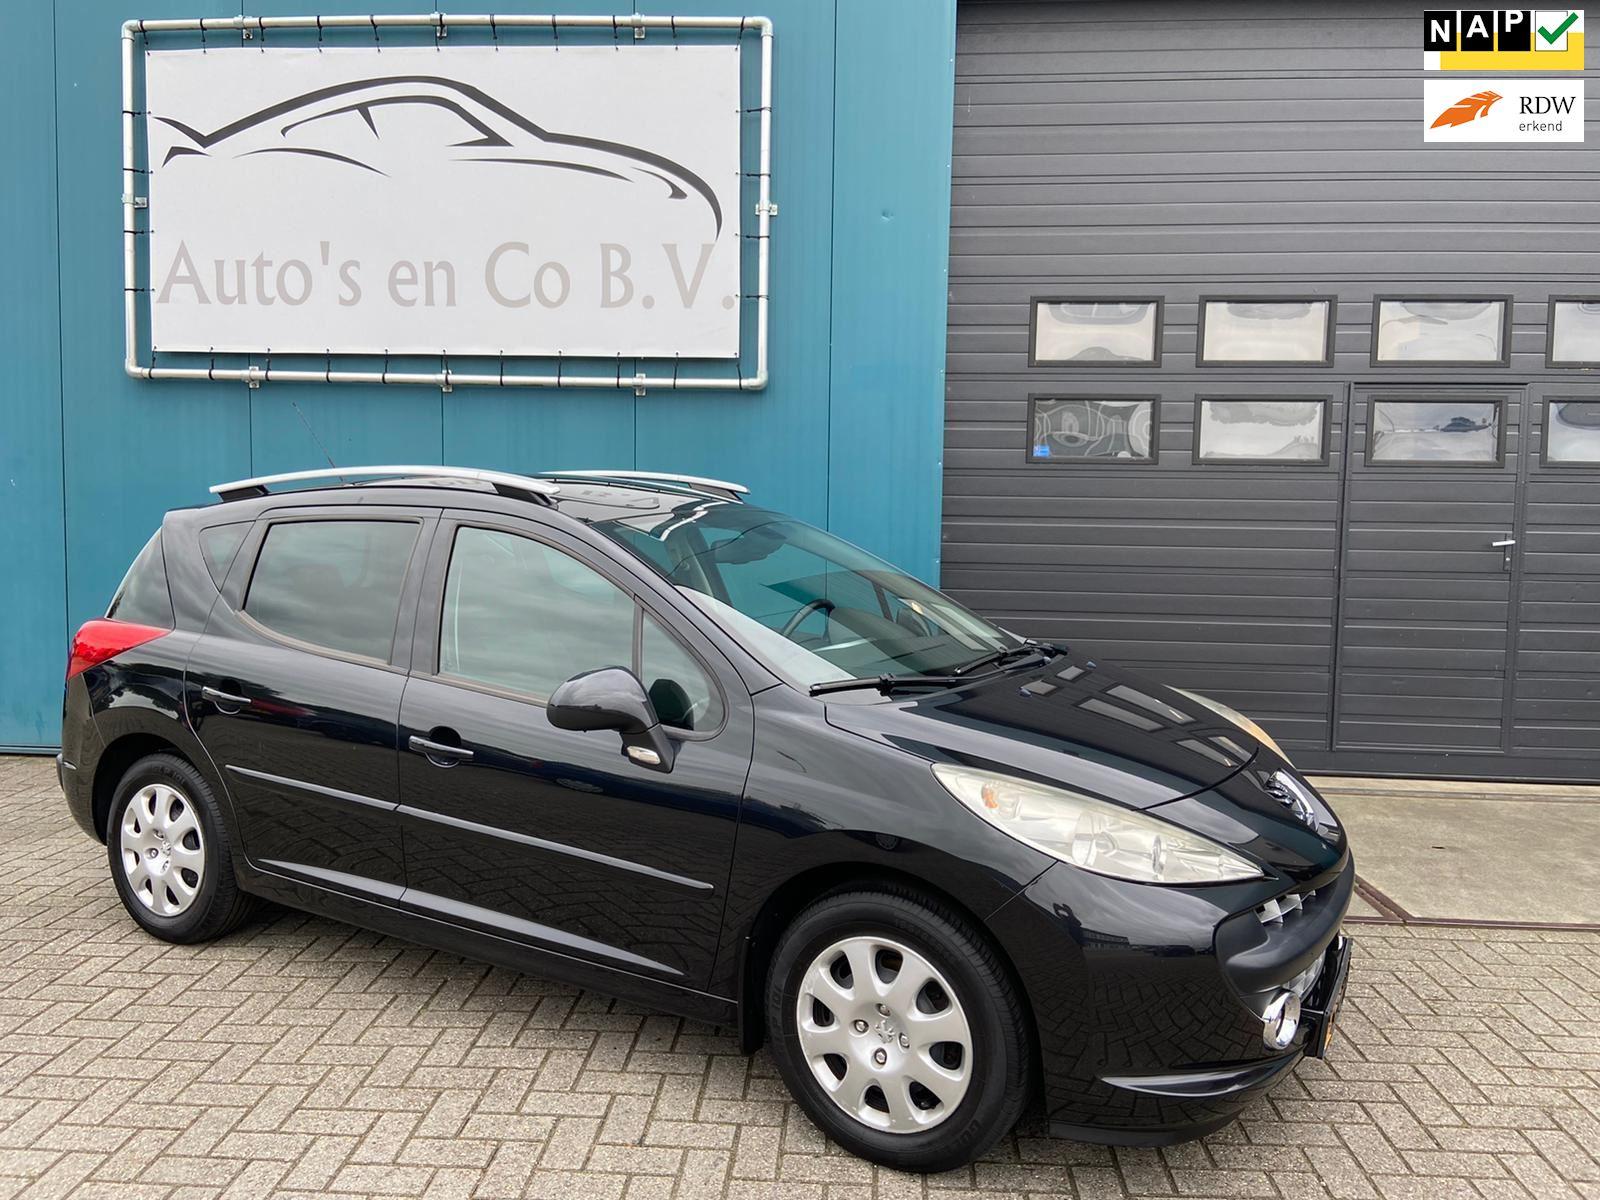 Peugeot 207 SW occasion - Auto's en Co B.V.